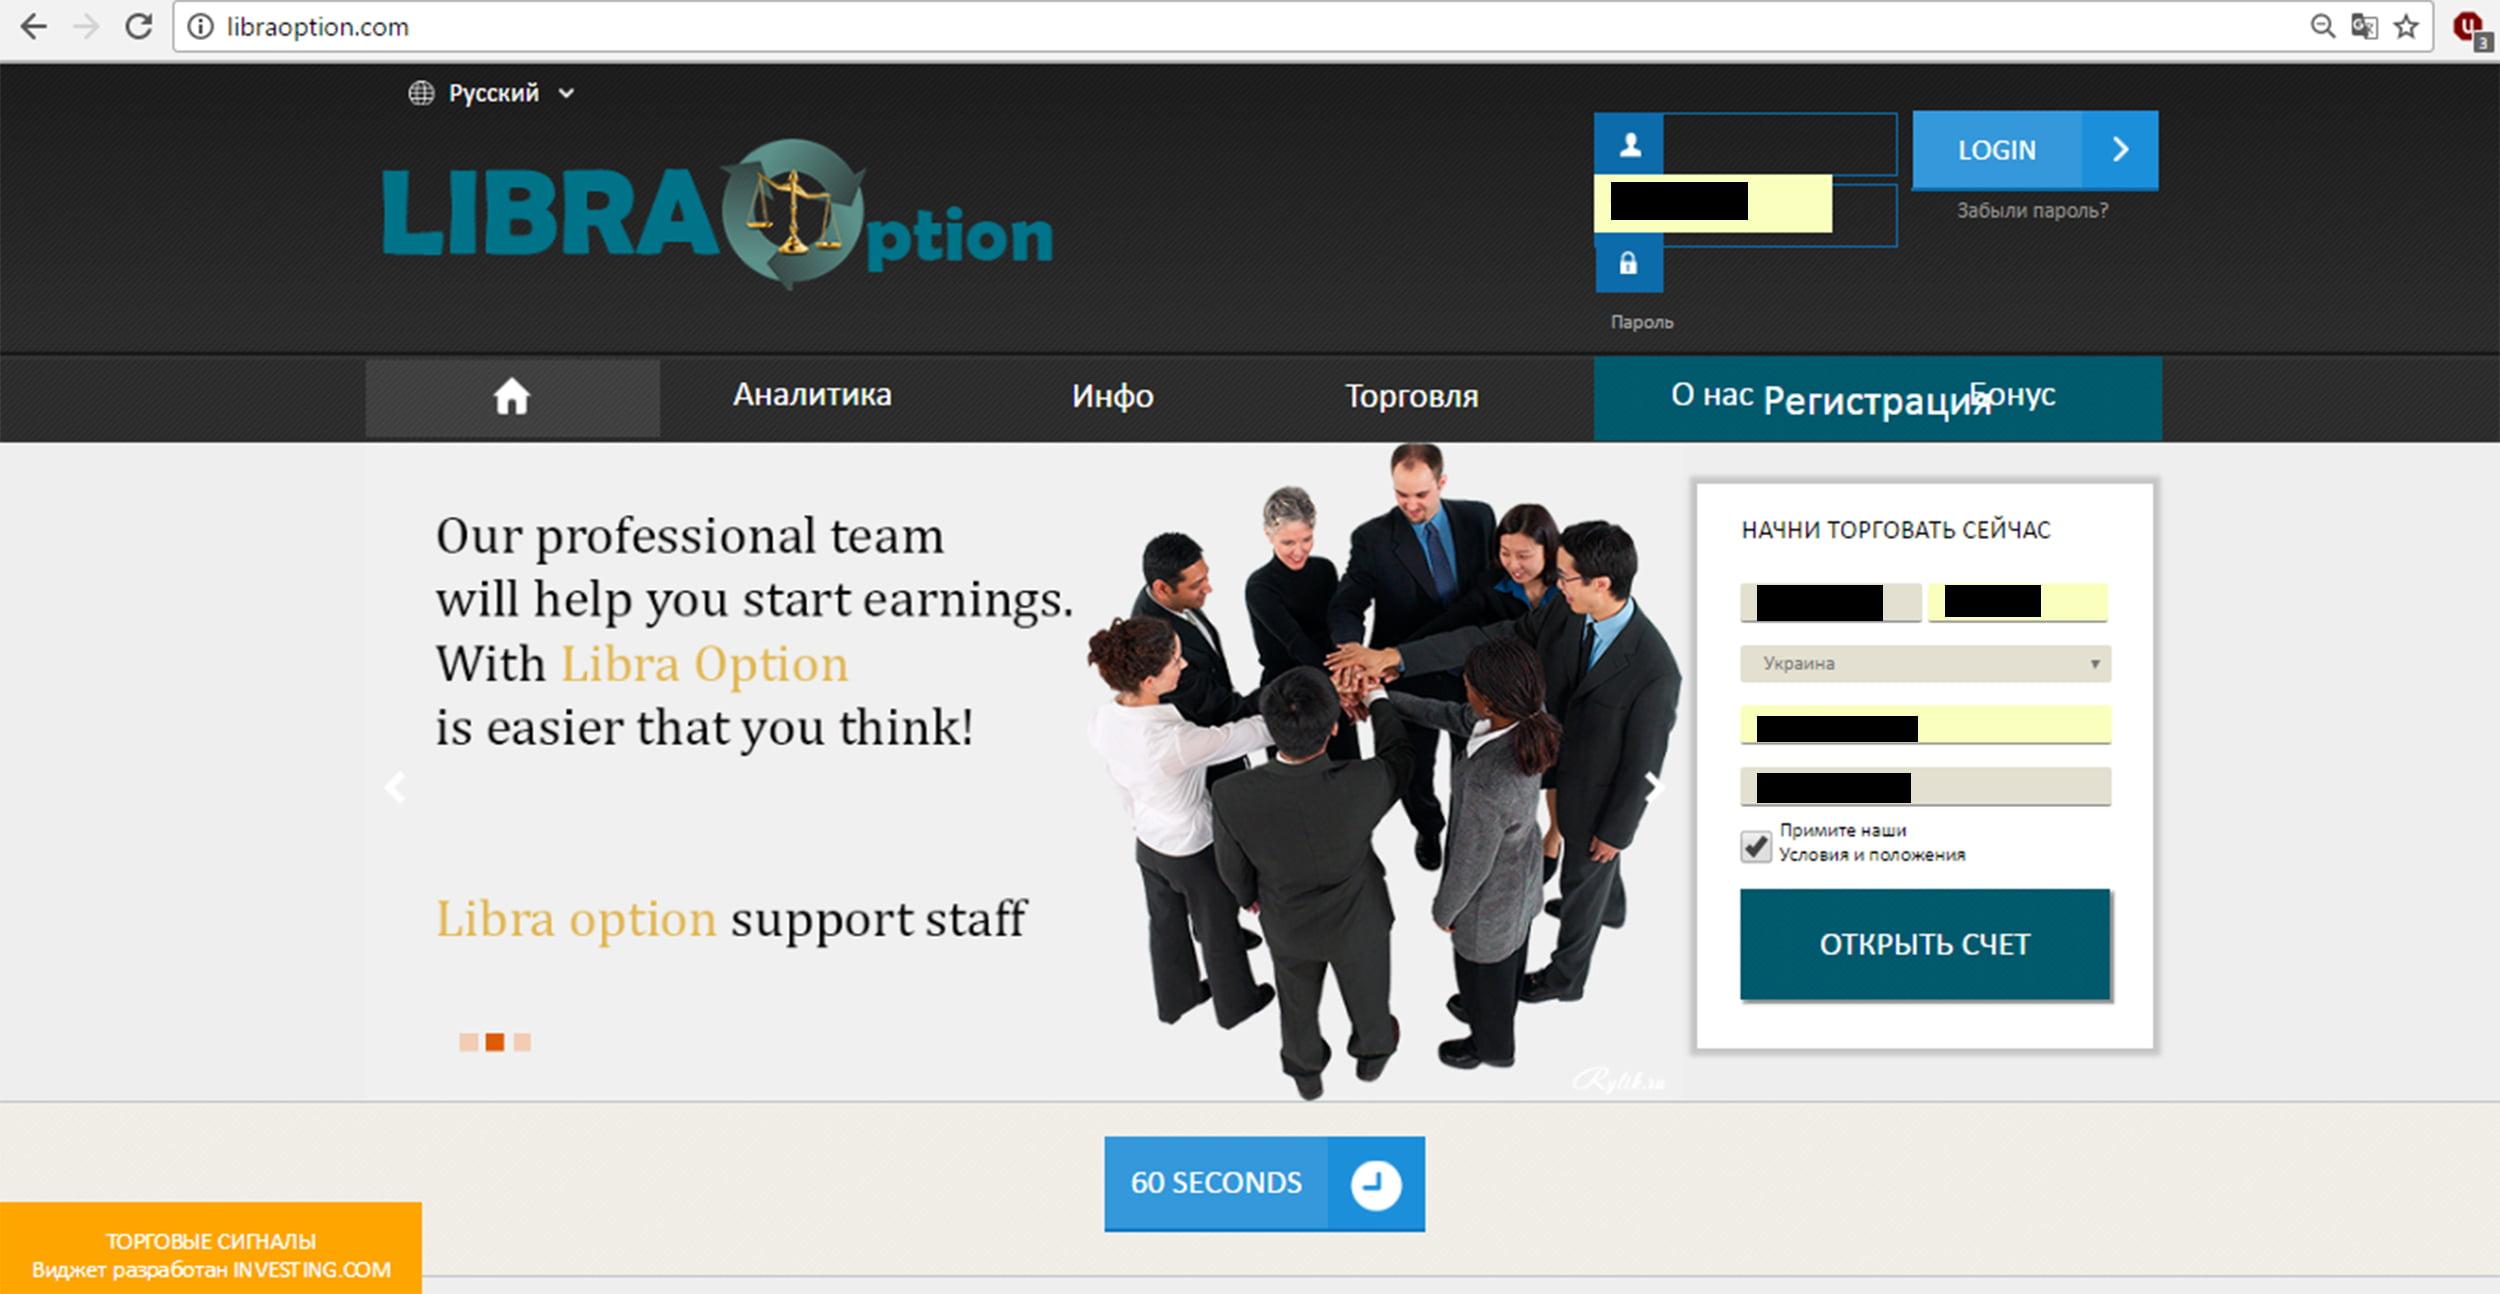 Регистрация на LibraOption